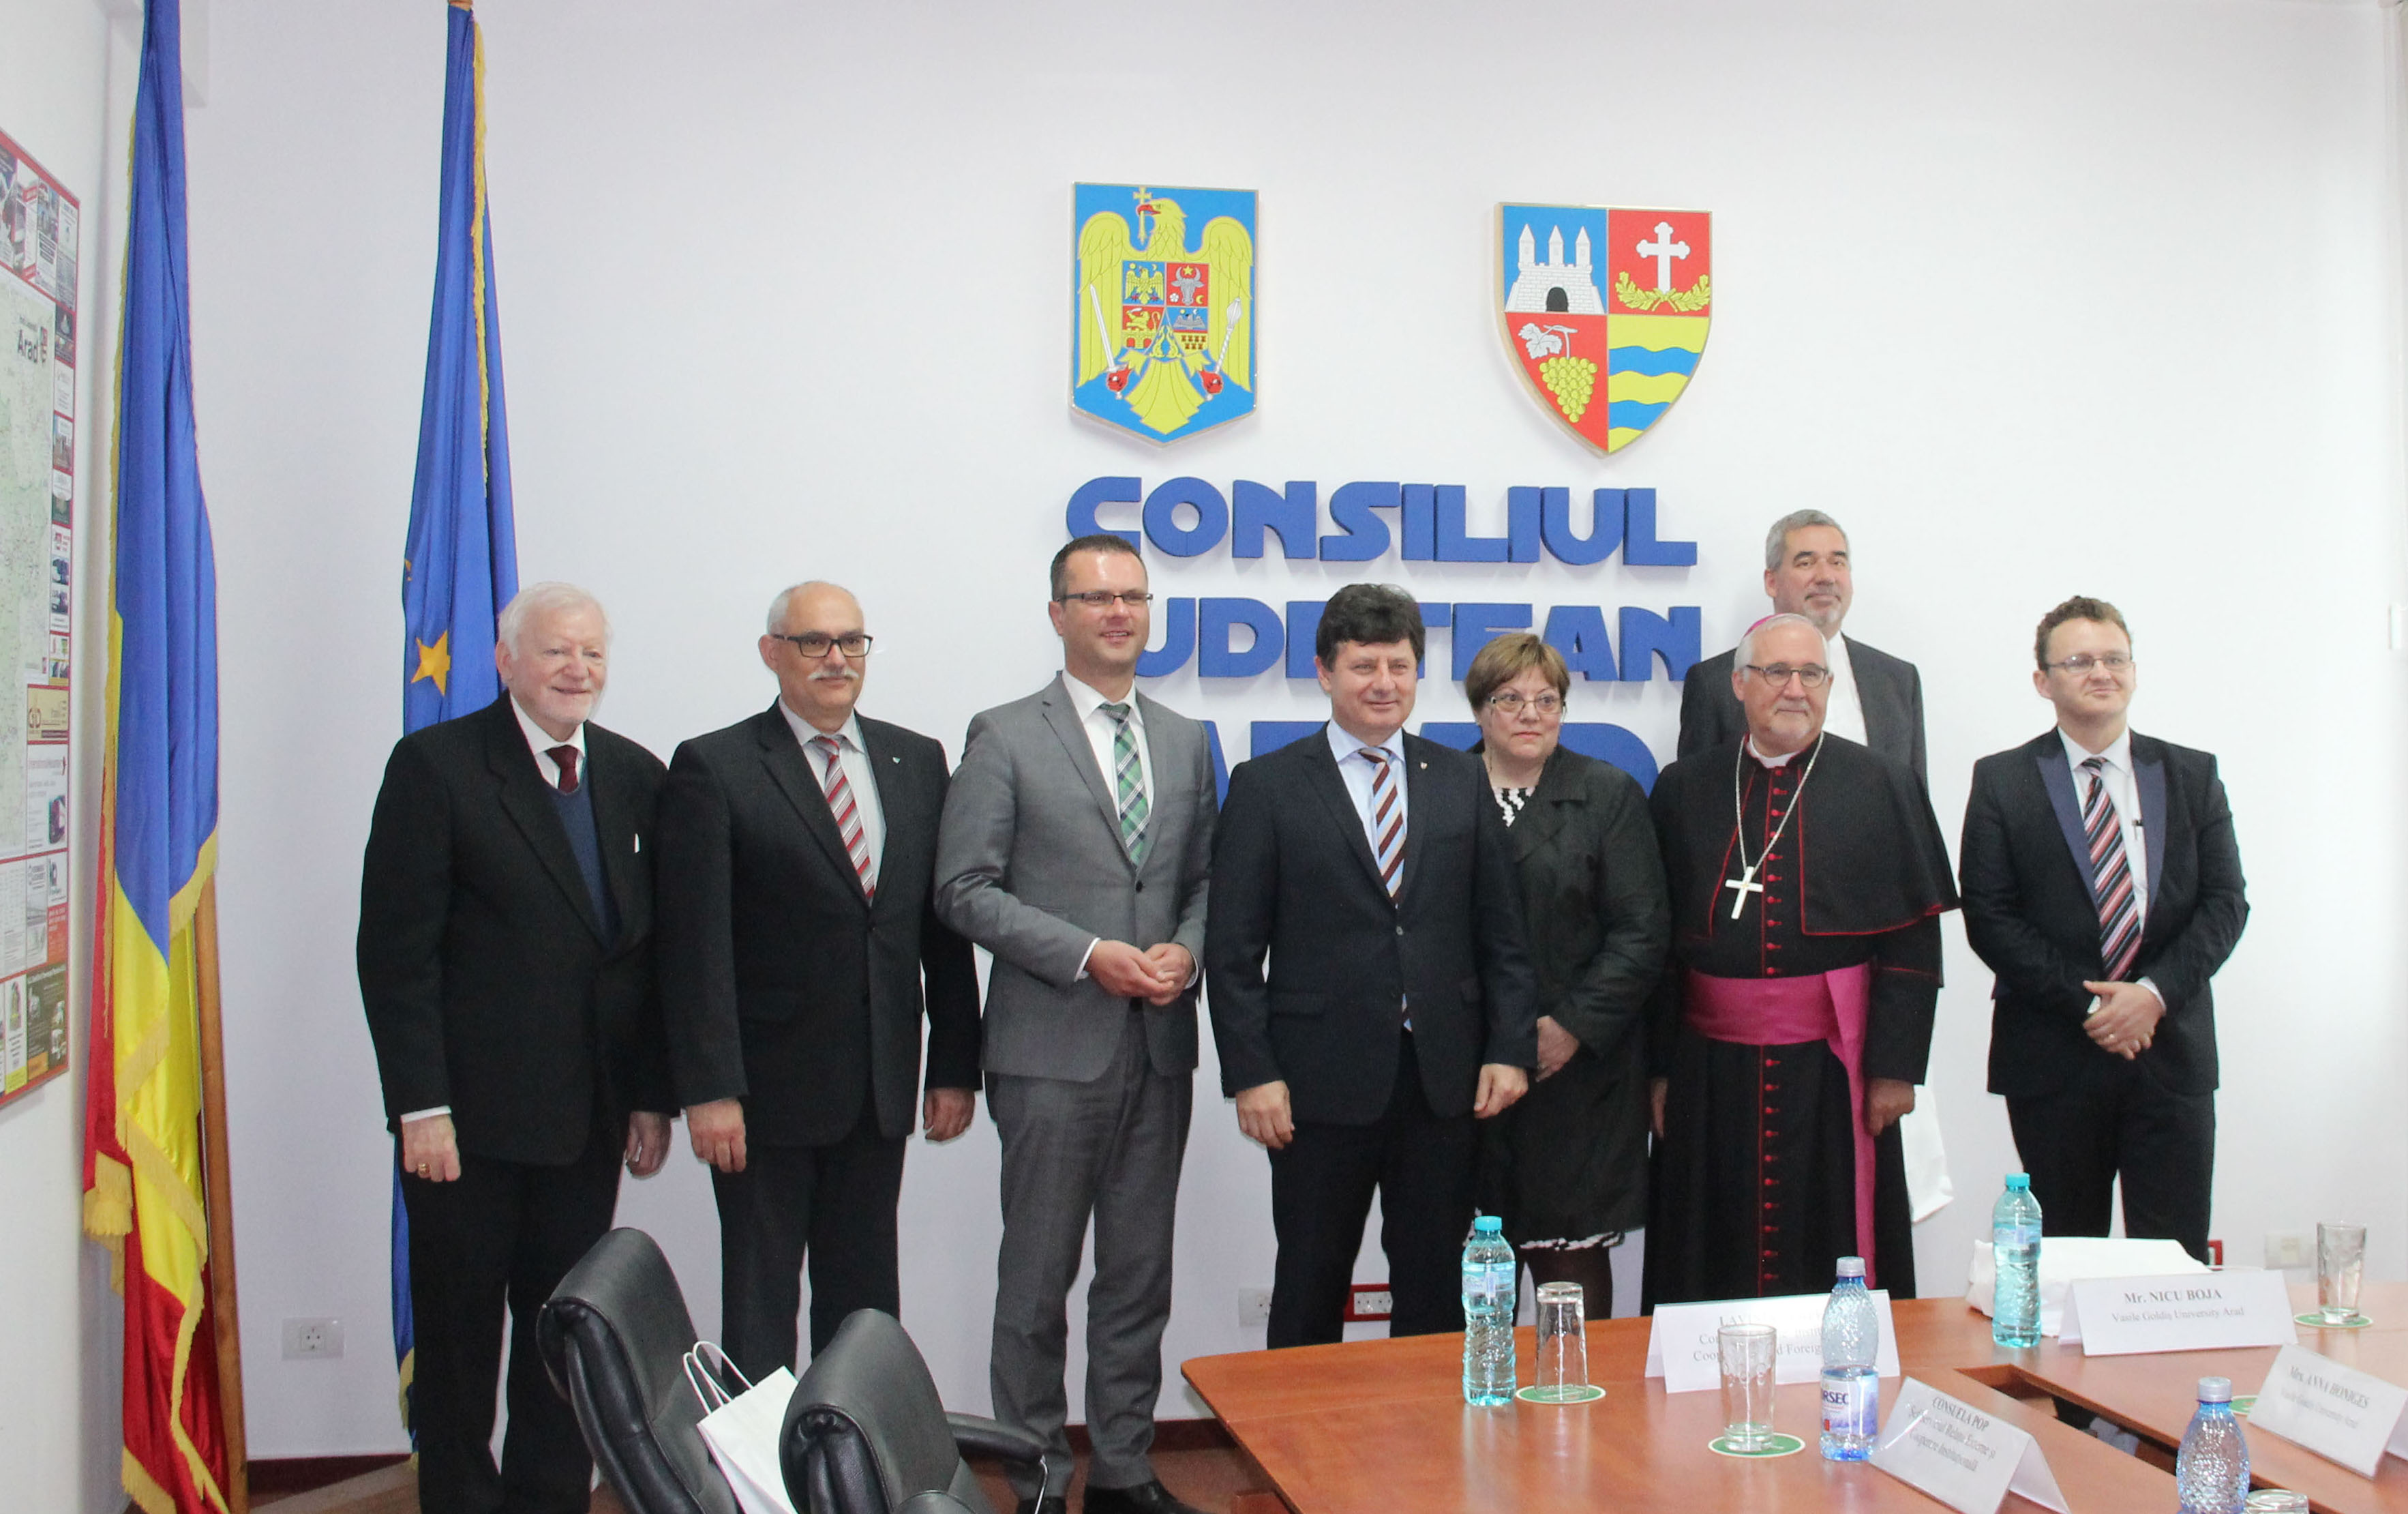 La invitaţia UVVG Arad, Delegaţie din Germania, în vizită oficială la Consiliul Judeţean Arad